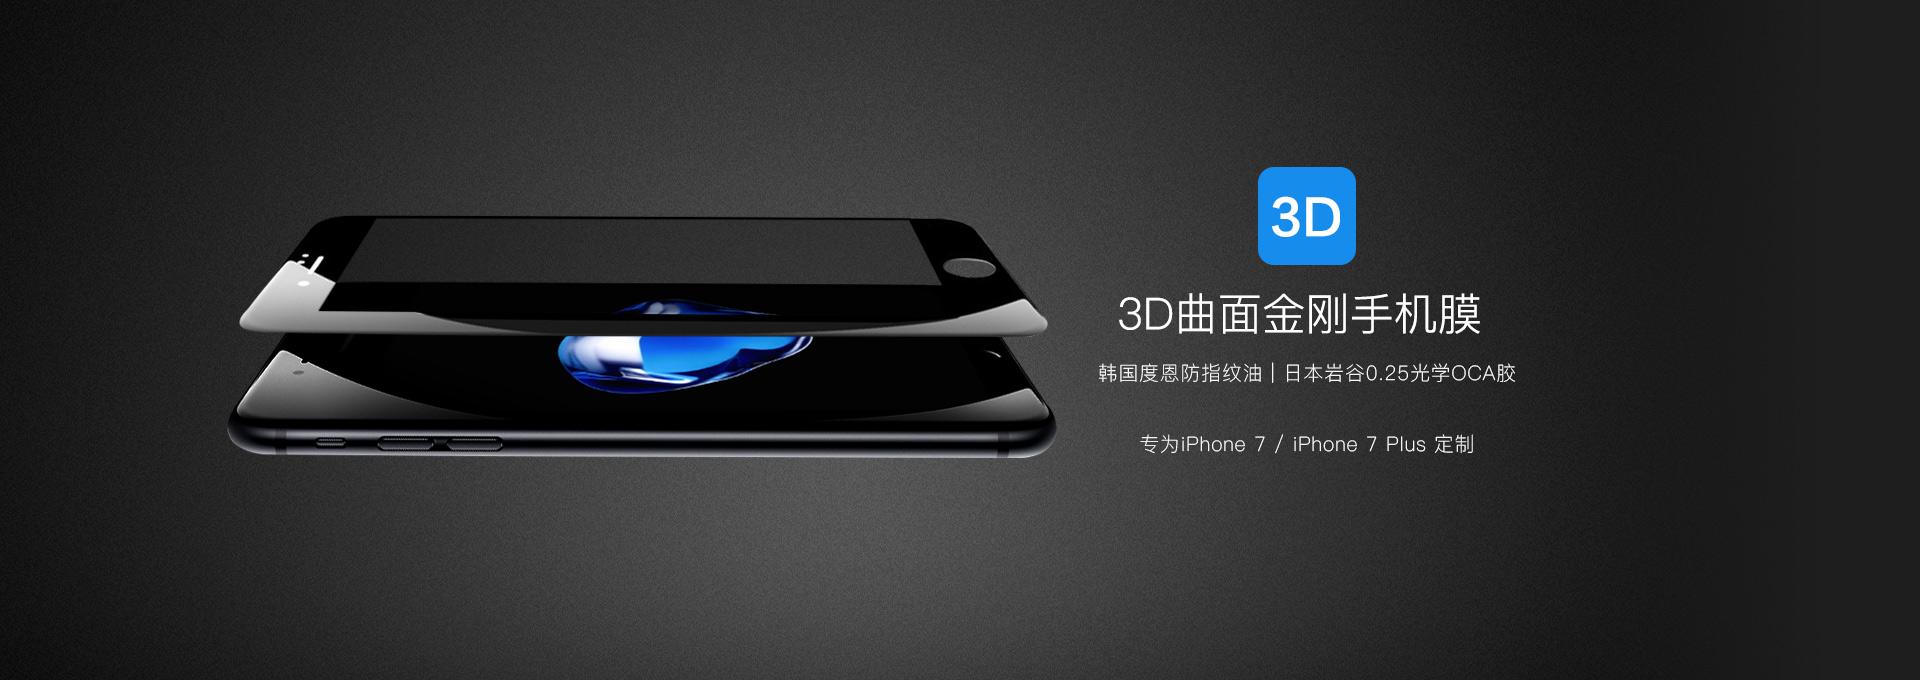 3D曲面金刚手机膜